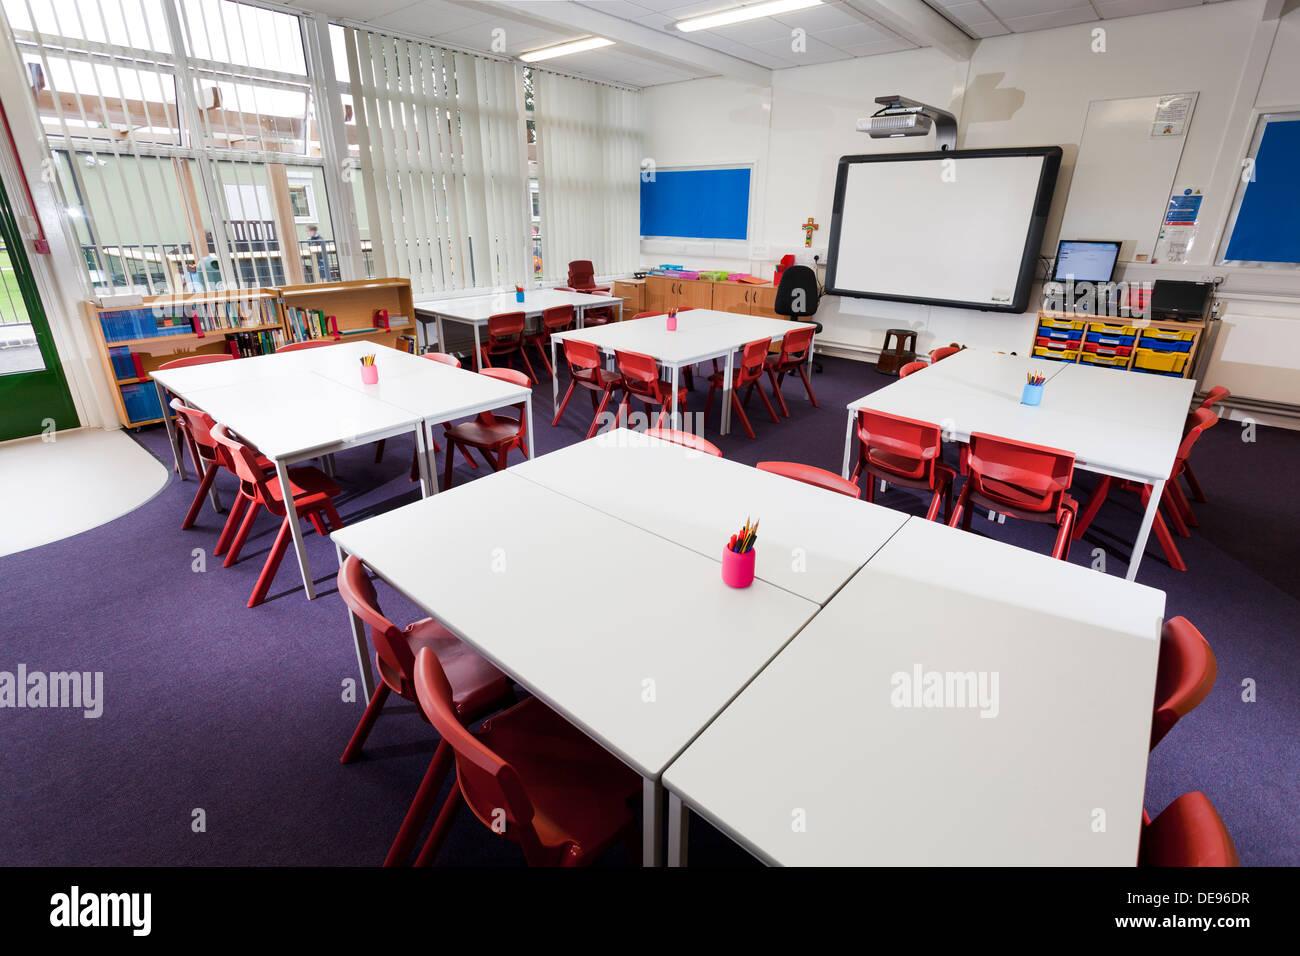 Classe de l'école infantile inoccupé Photo Stock